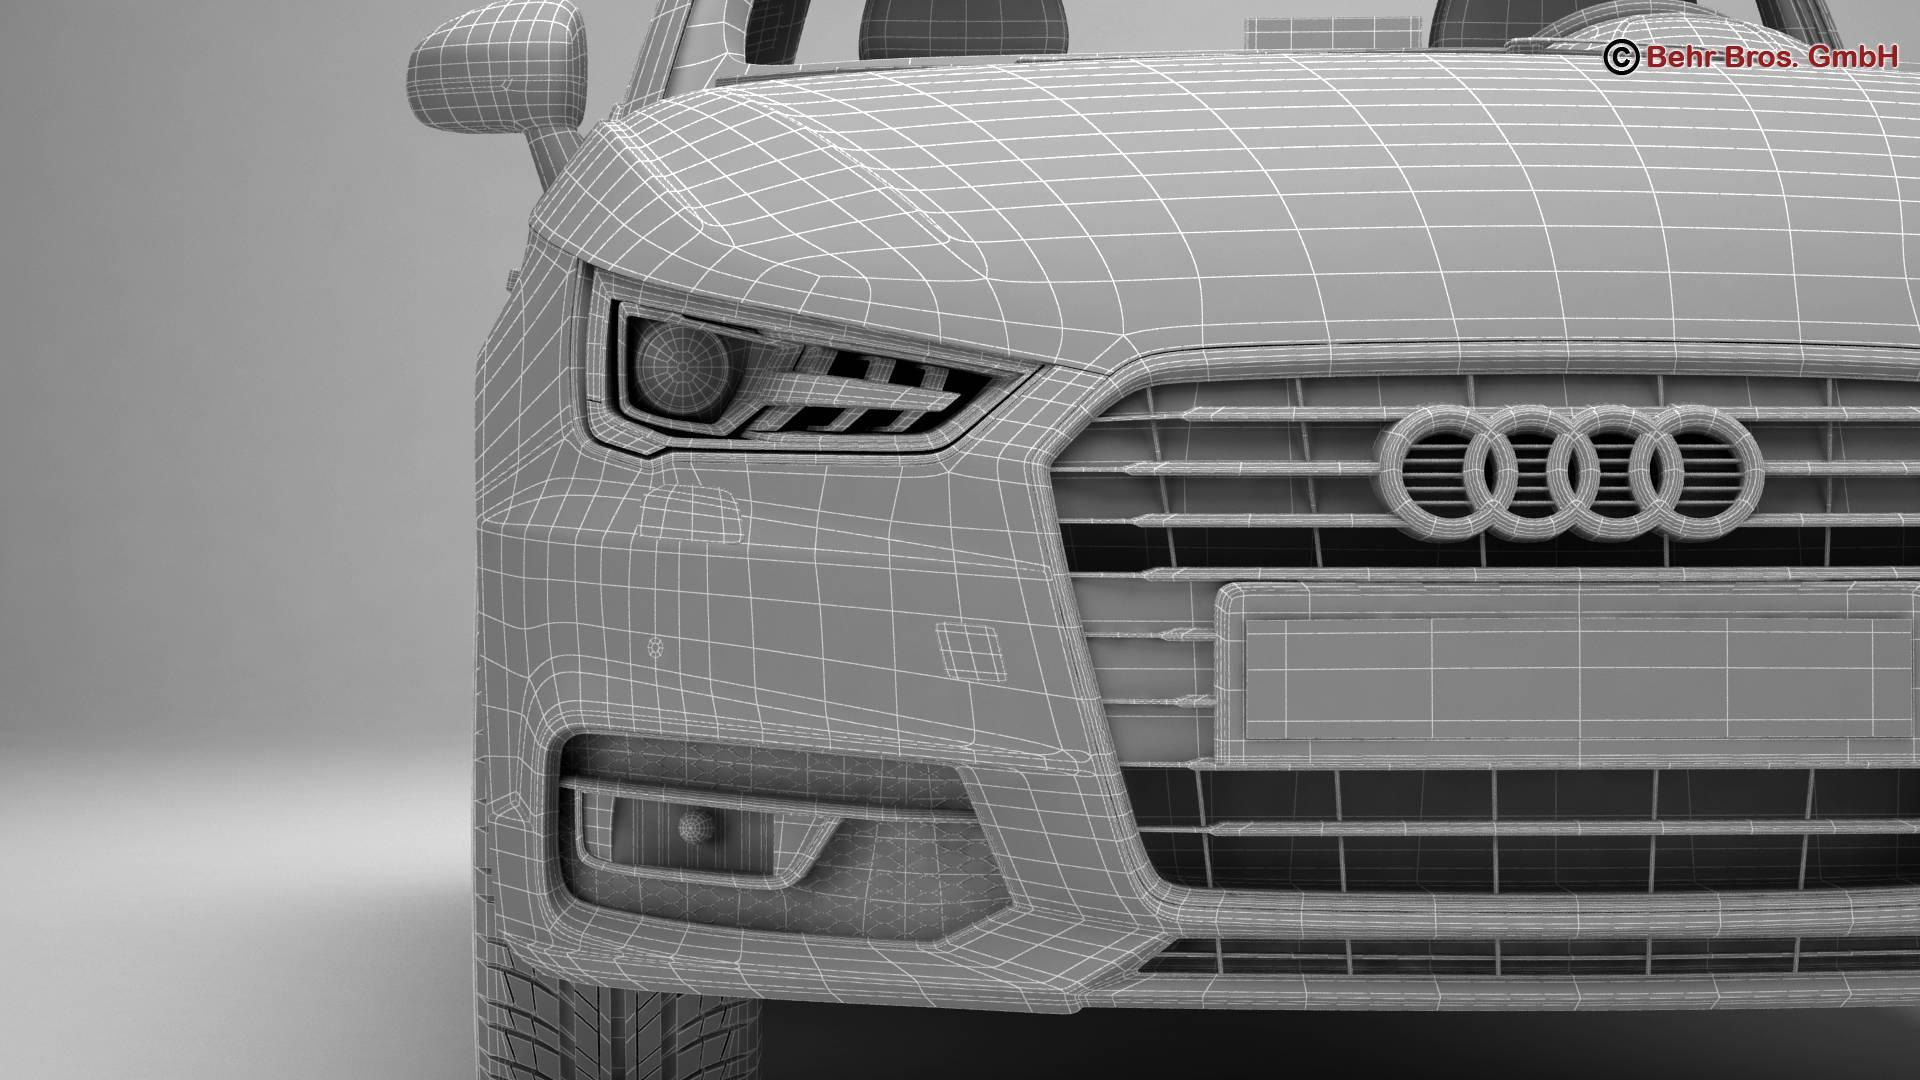 Audi a1 2015 3d model 3ds max fbx c4d am fwy o wybodaeth 214716